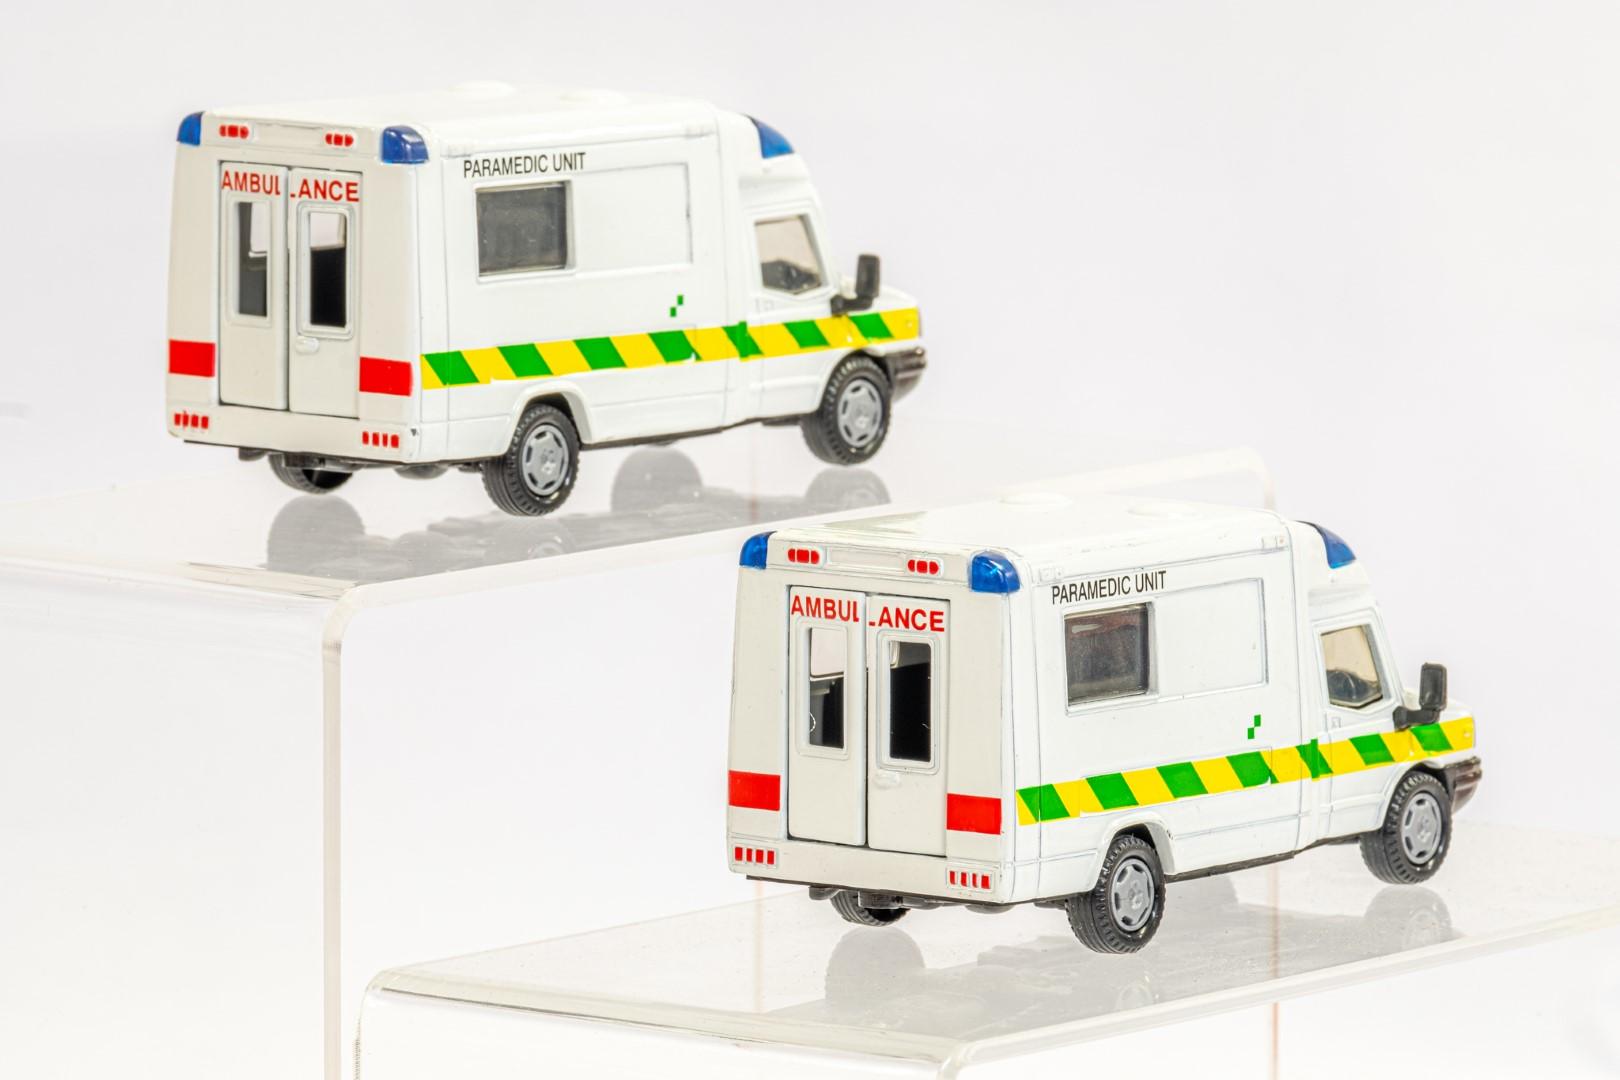 2 x London Ambulances - Unboxed - Image 3 of 3